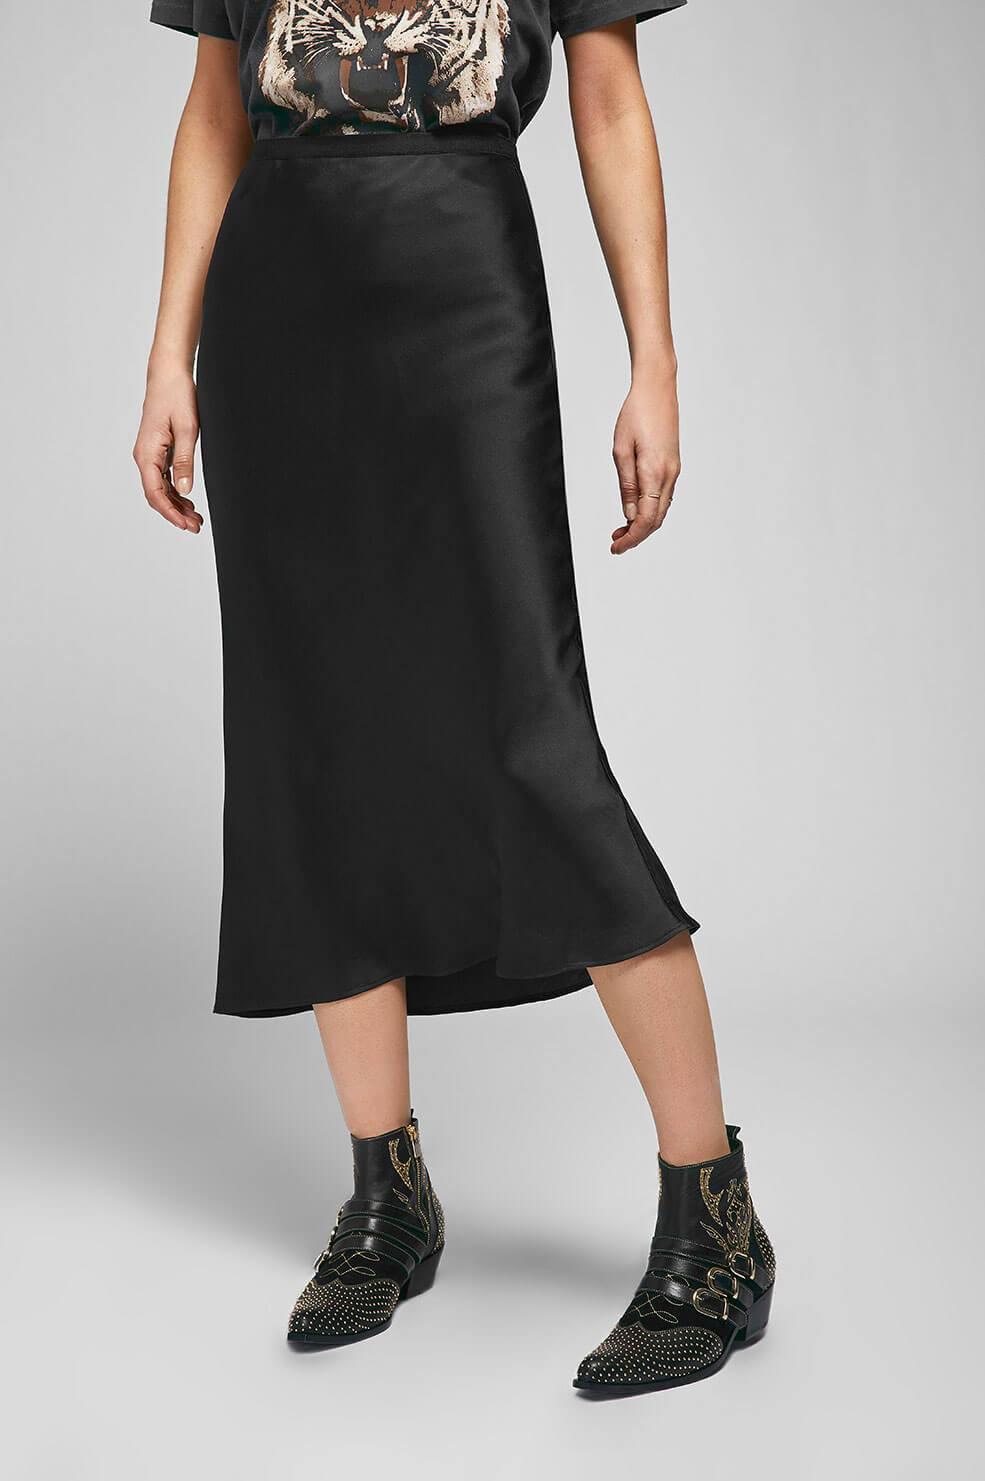 Afbeelding van Anine Bing Bar rok zwart